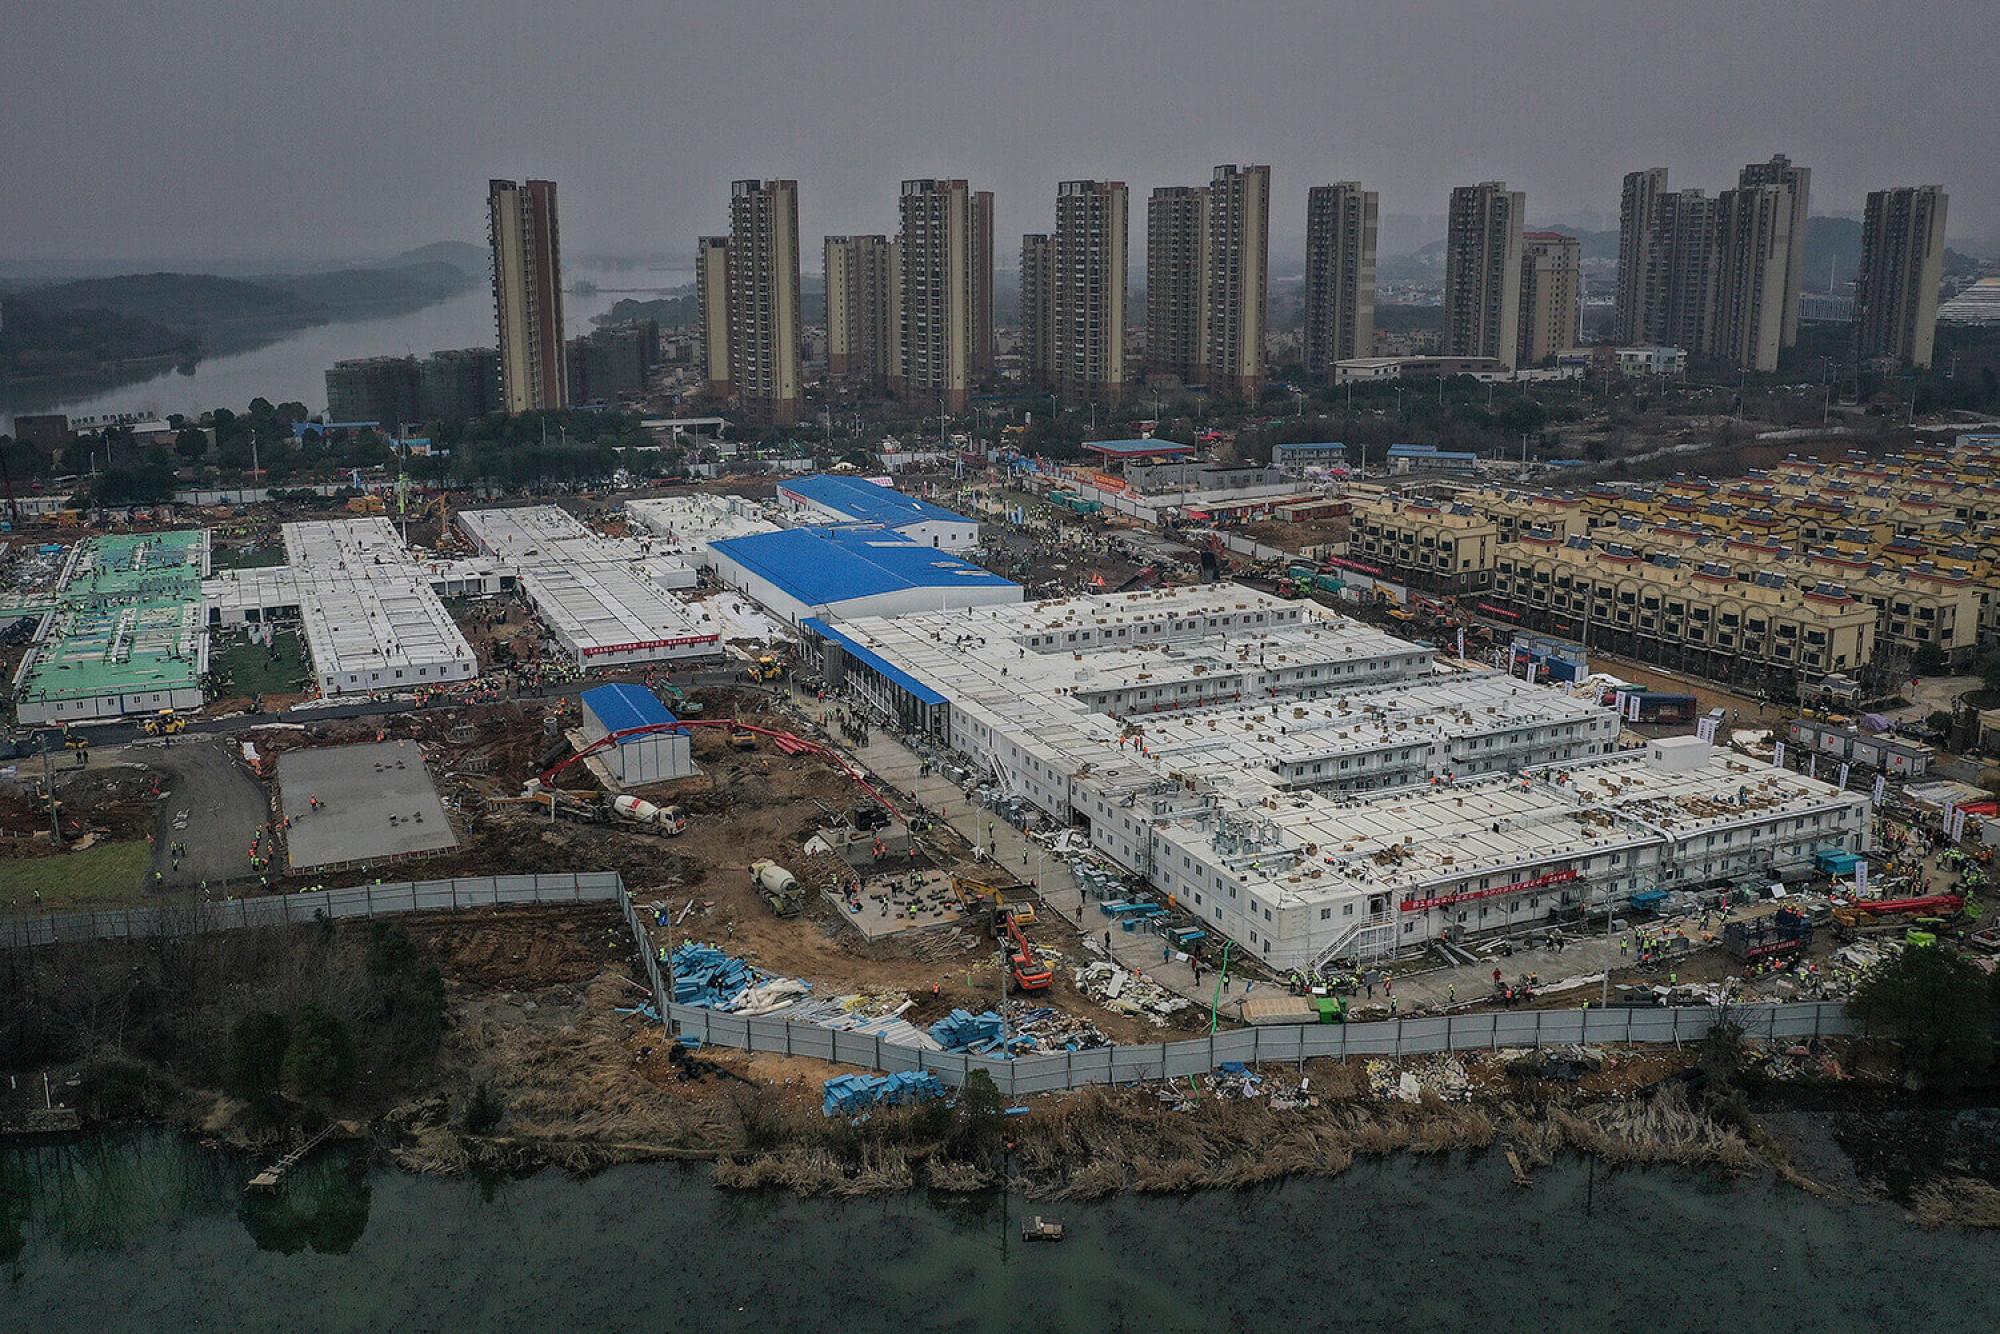 Imatge aèria del megahospital construït en pocs dies a Wuhan.